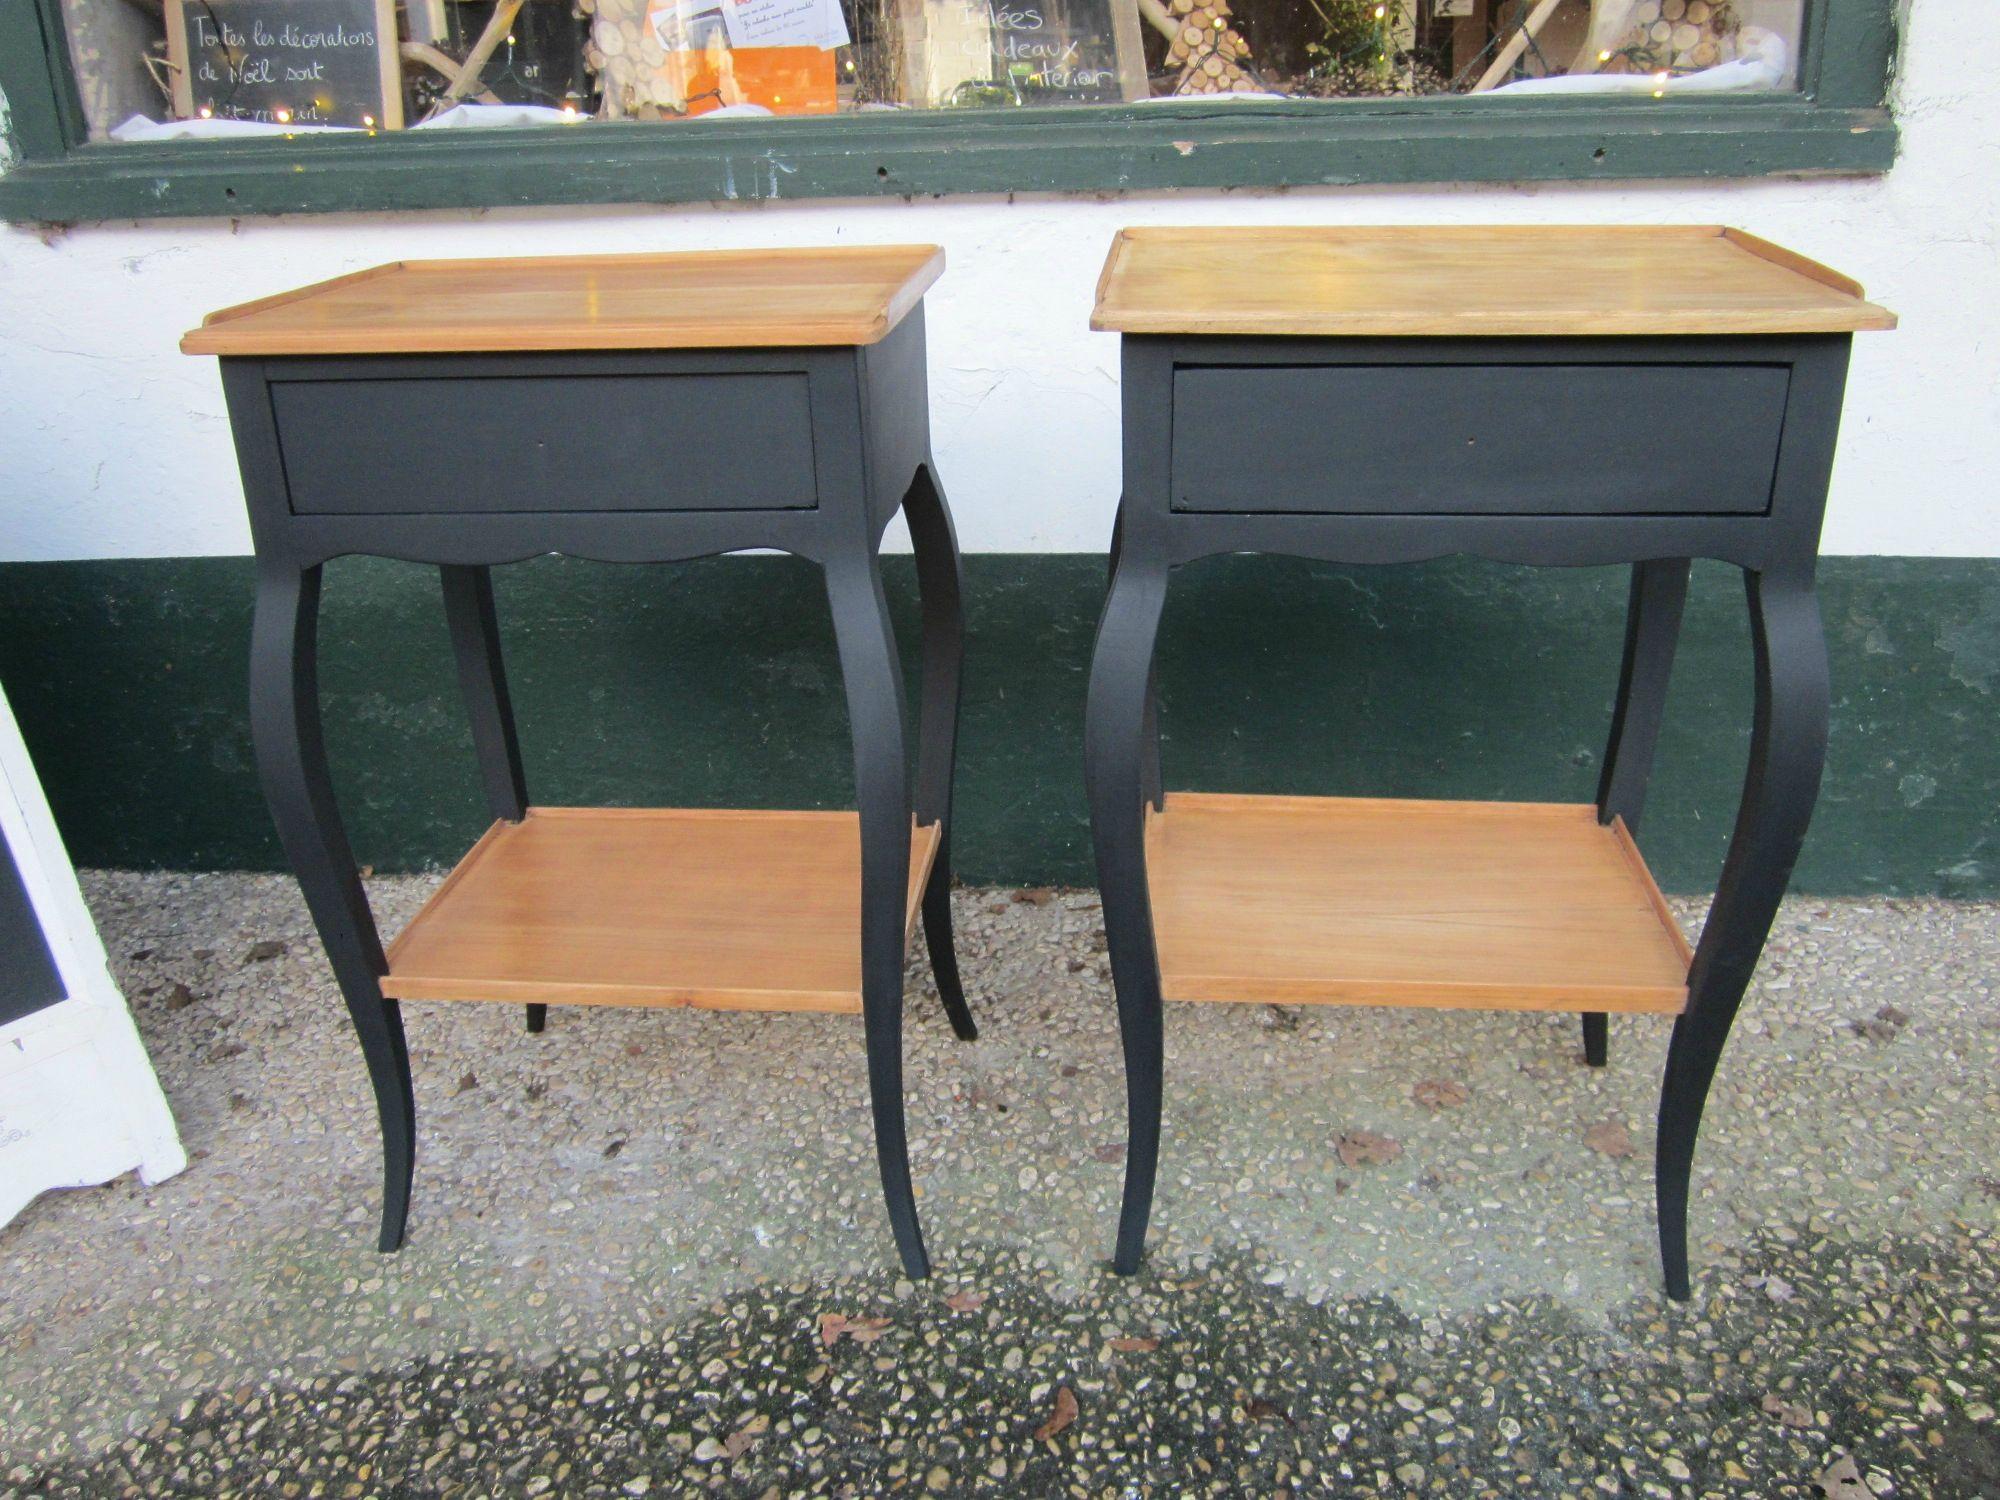 afficher l 39 image d 39 origine meubles patin s relook s pinterest peinture meuble mobilier de. Black Bedroom Furniture Sets. Home Design Ideas